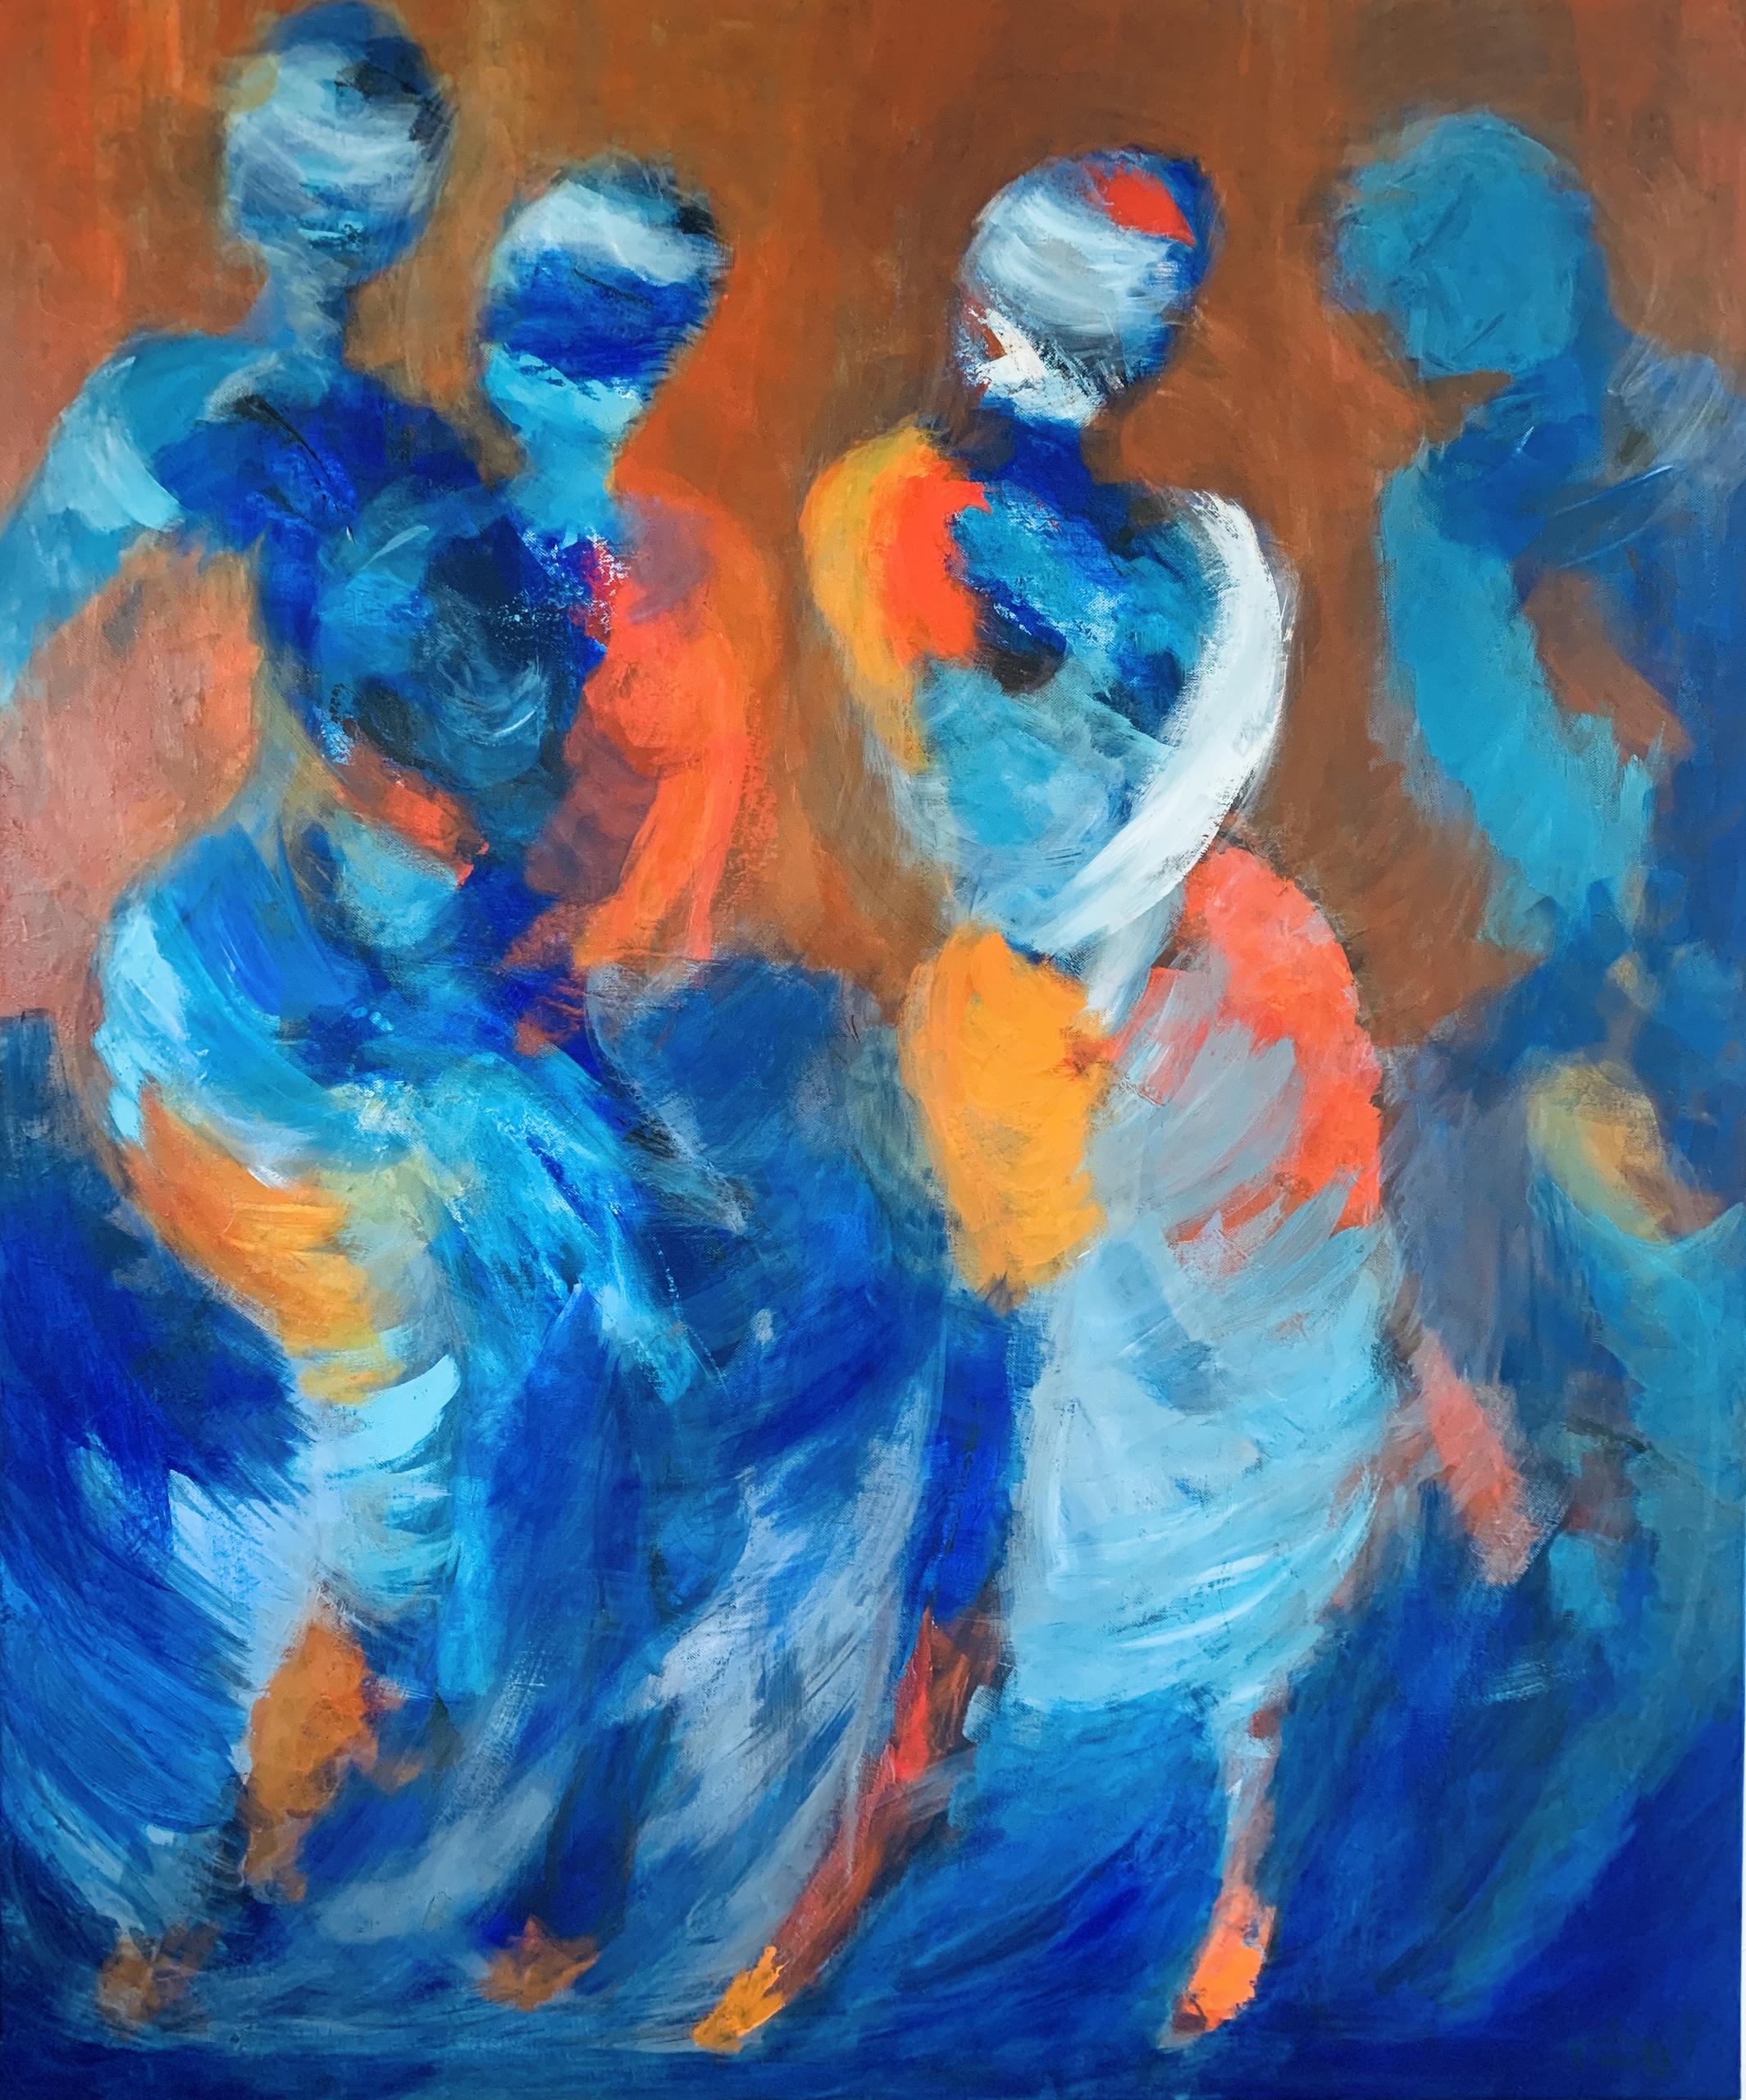 Malestilener inspireret af Degas og hans malerier af det vilde natteliv og letlevende kvinder. Lysten til at male det fik jeg, da jeg så tv-serien Babylon-Berlin.